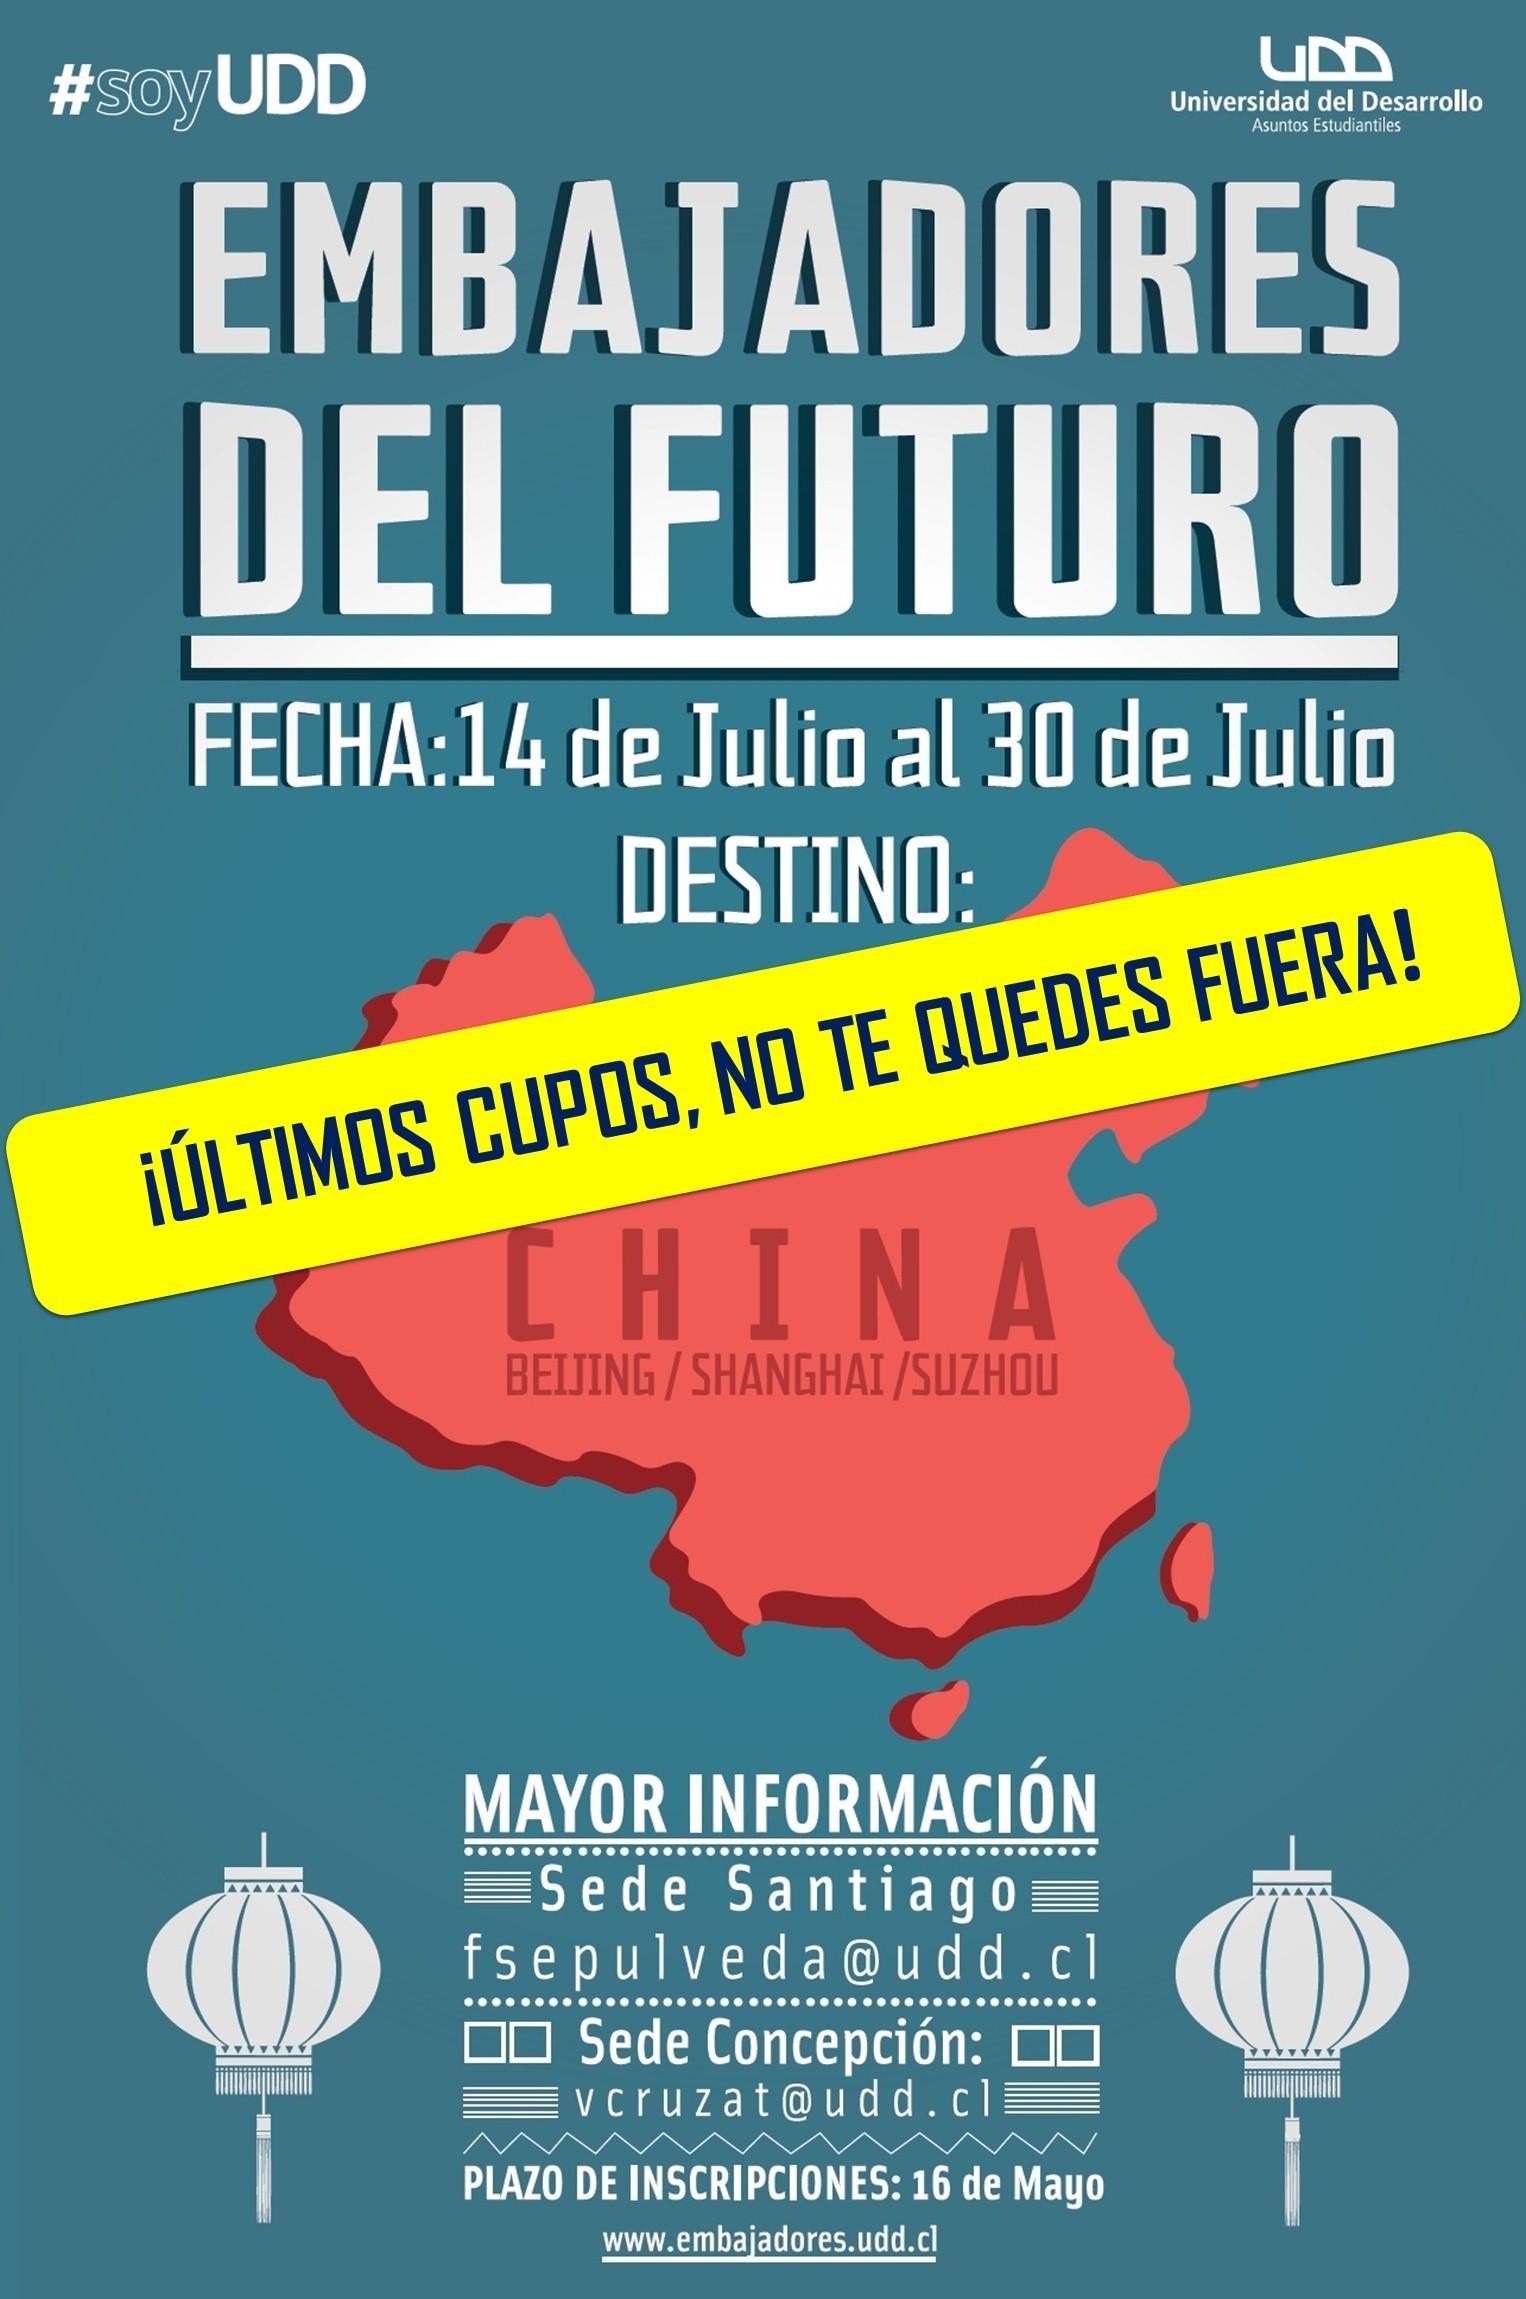 šltimos cupos para Embajadores del Futuro Universidad del Desarrollo